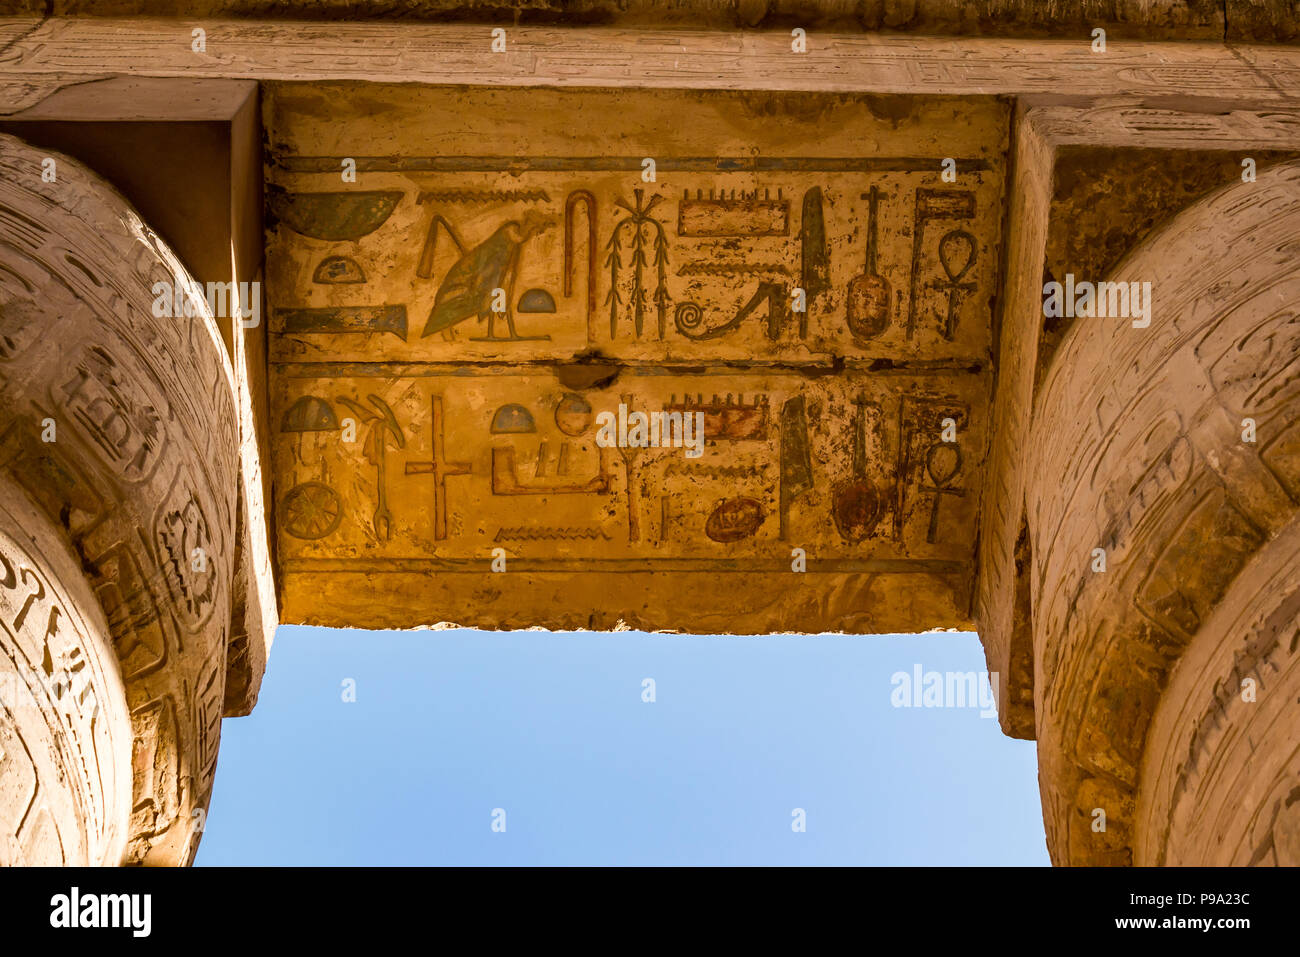 Regardant les hiéroglyphes égyptiens peints colorés en haut de colonnes, salle hypostyle cité parlementaire d'Amon Ra, Temple de Karnak. Louxor, Egypte, Afrique du Sud Photo Stock